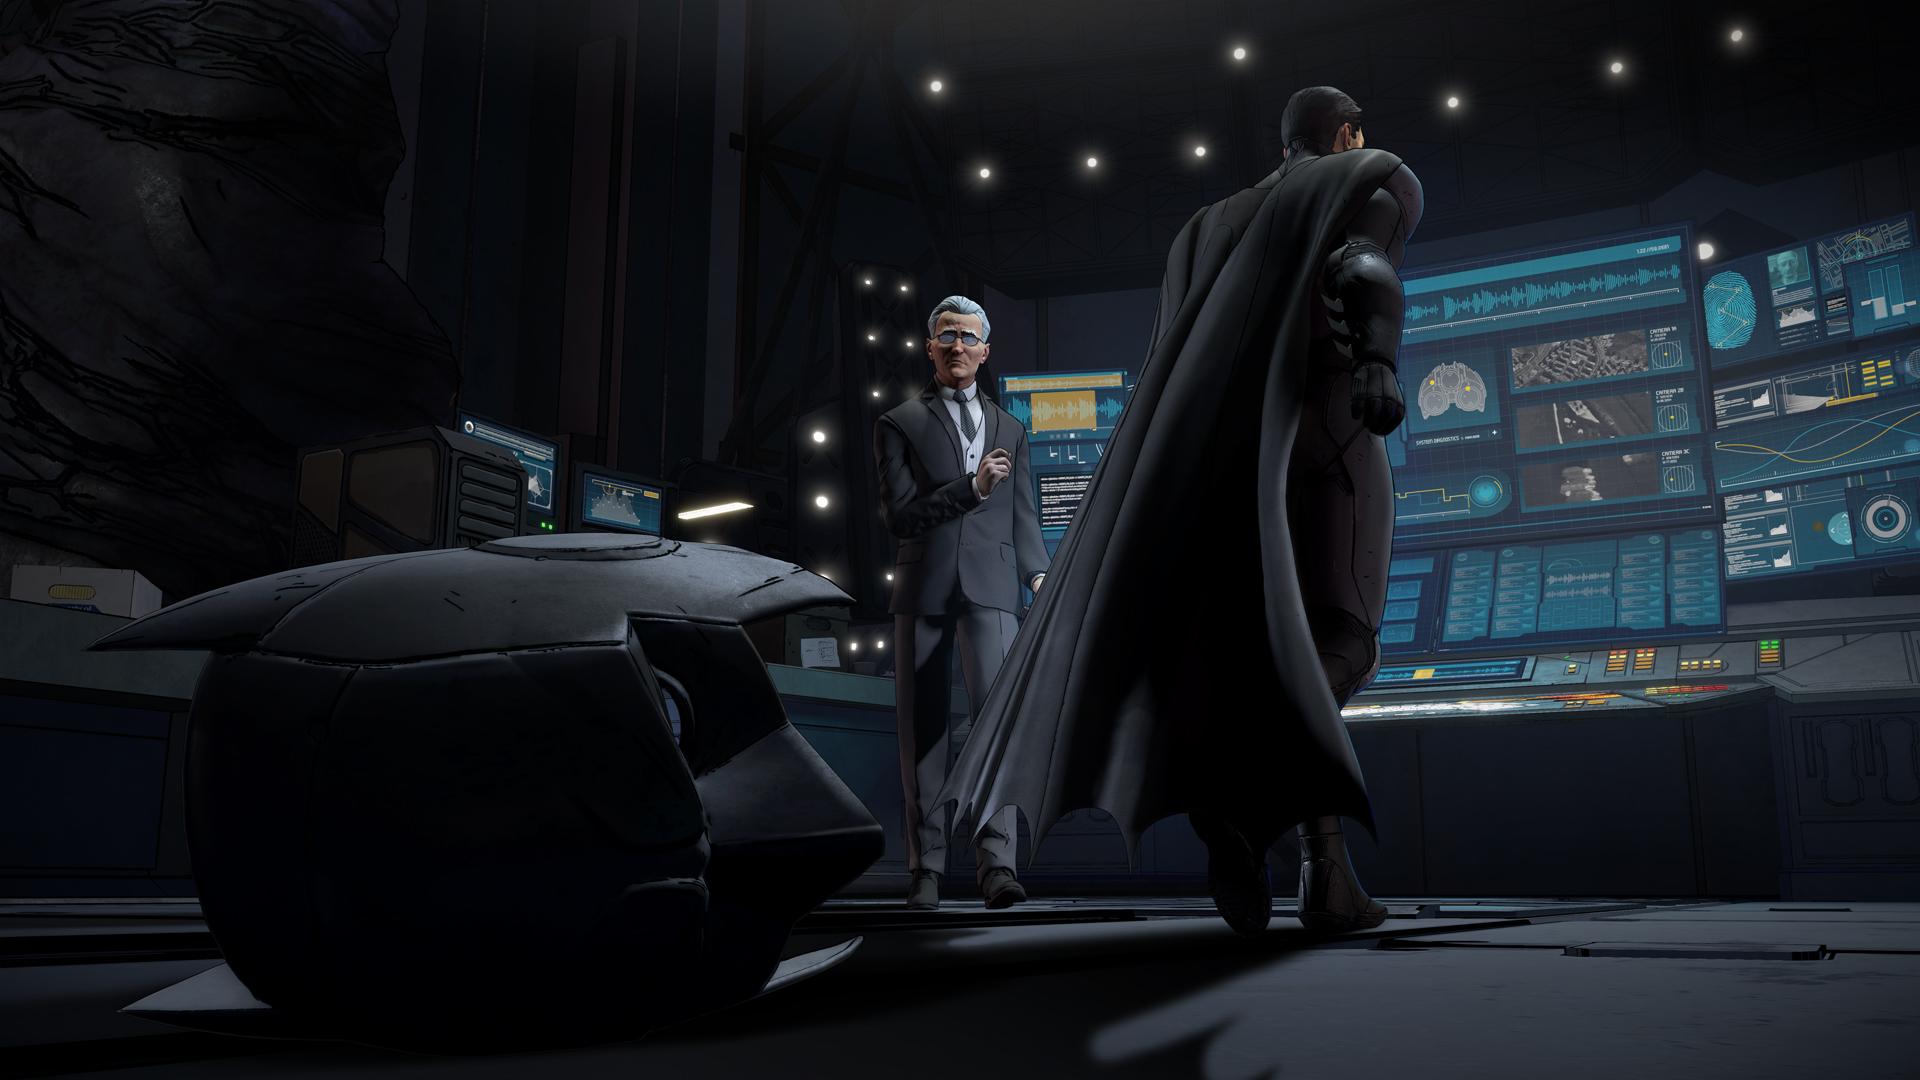 Batman: Telltale Game Series